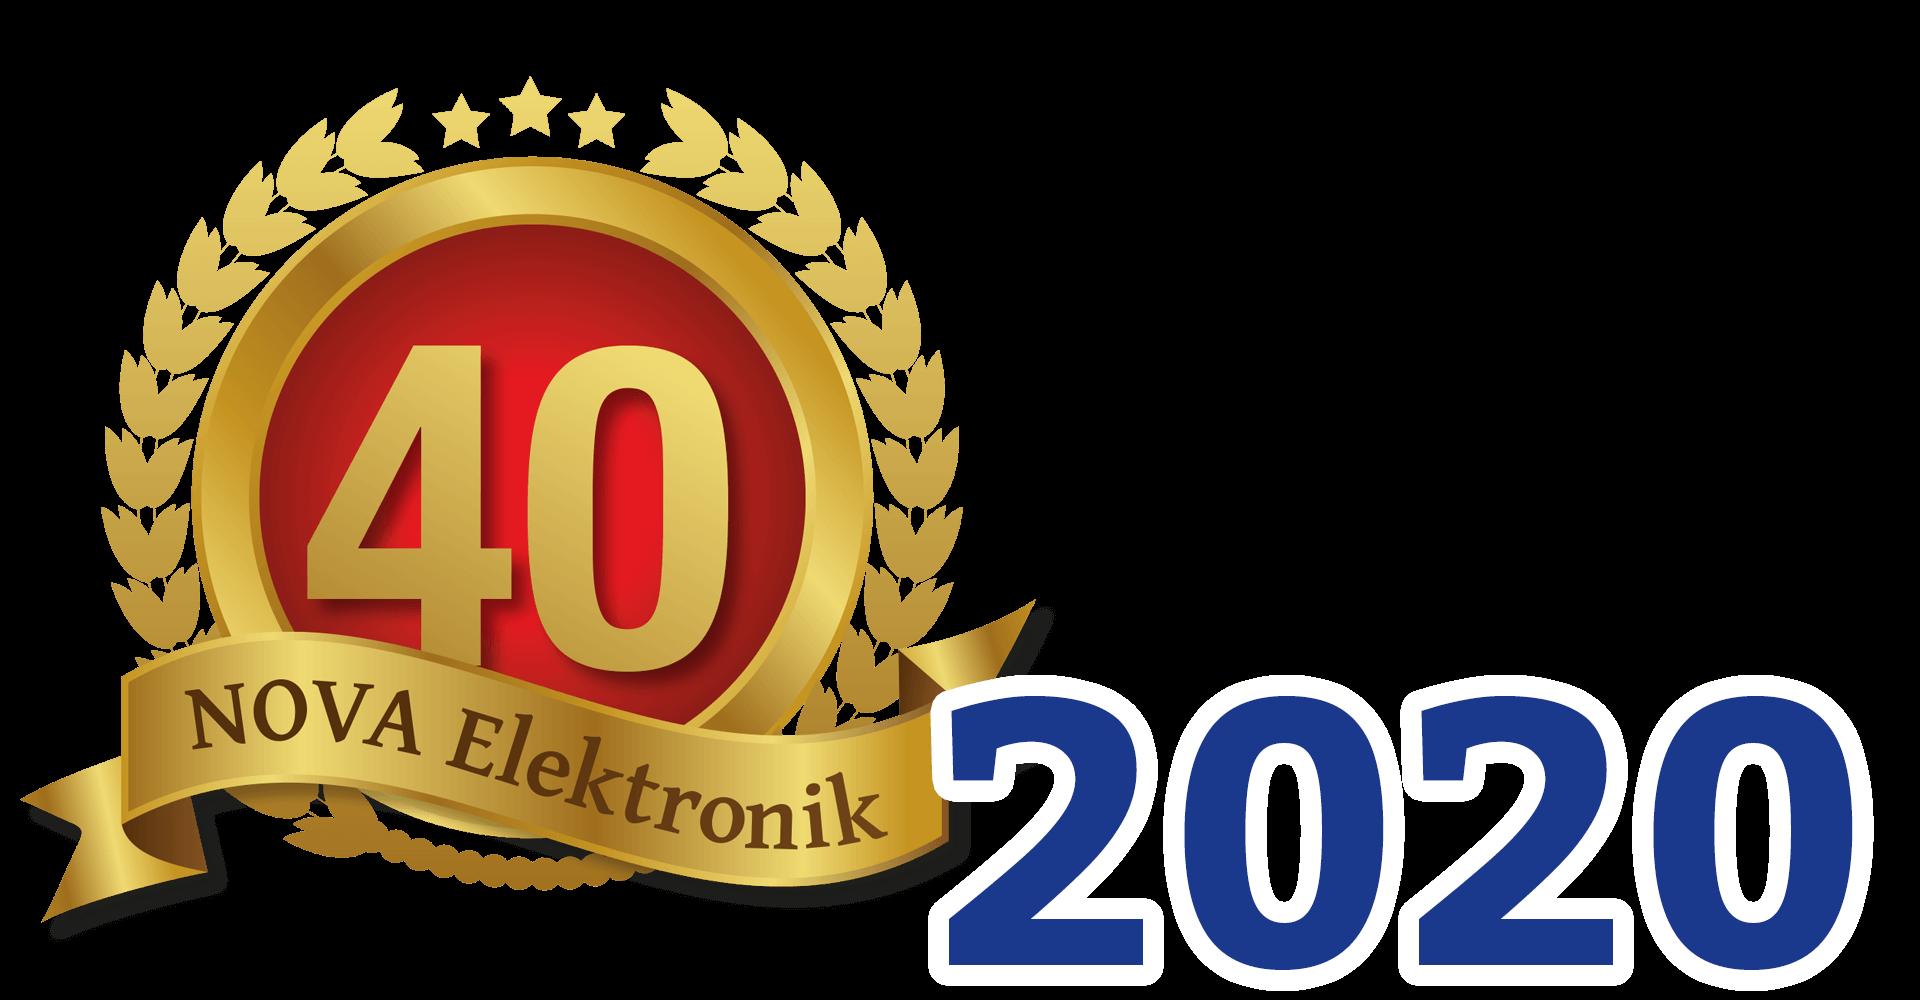 NOVA Elektronik 2020